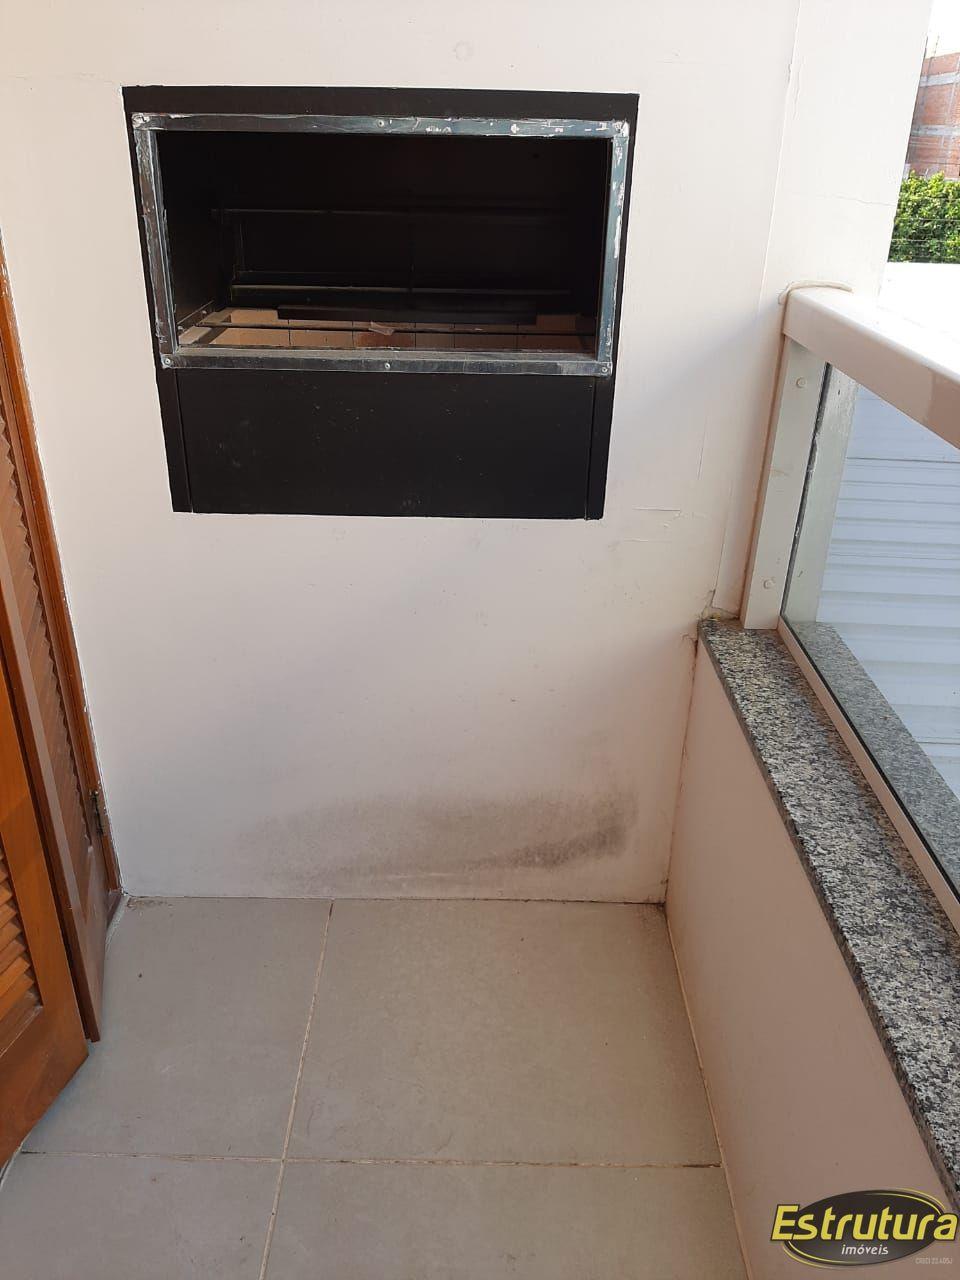 Apartamento com 2 Dormitórios à venda, 62 m² por R$ 320.000,00